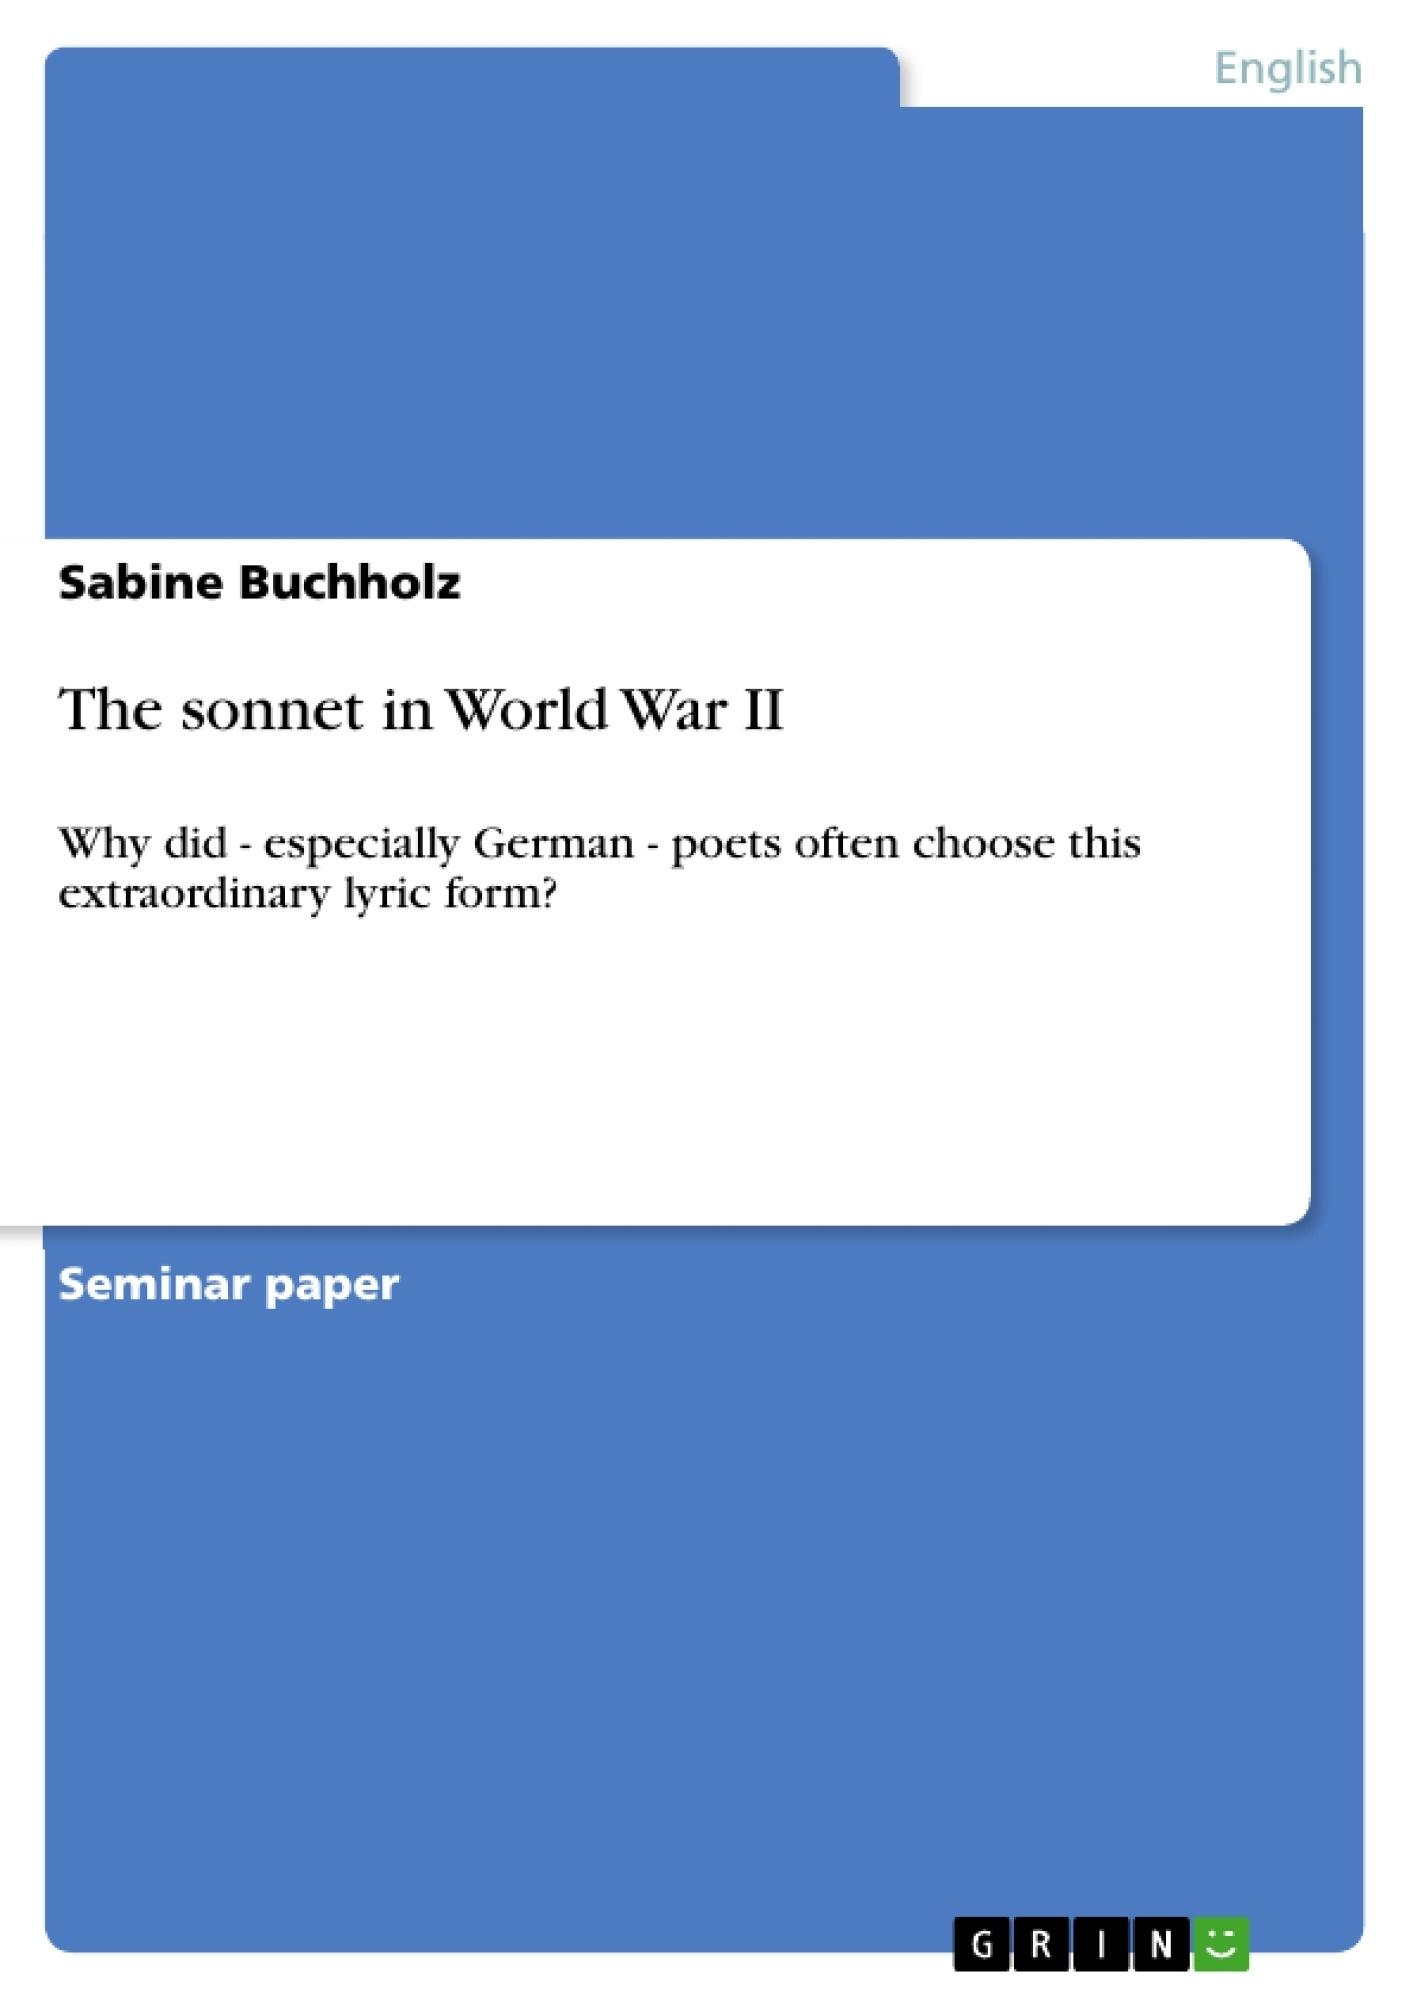 Title: The sonnet in World War II